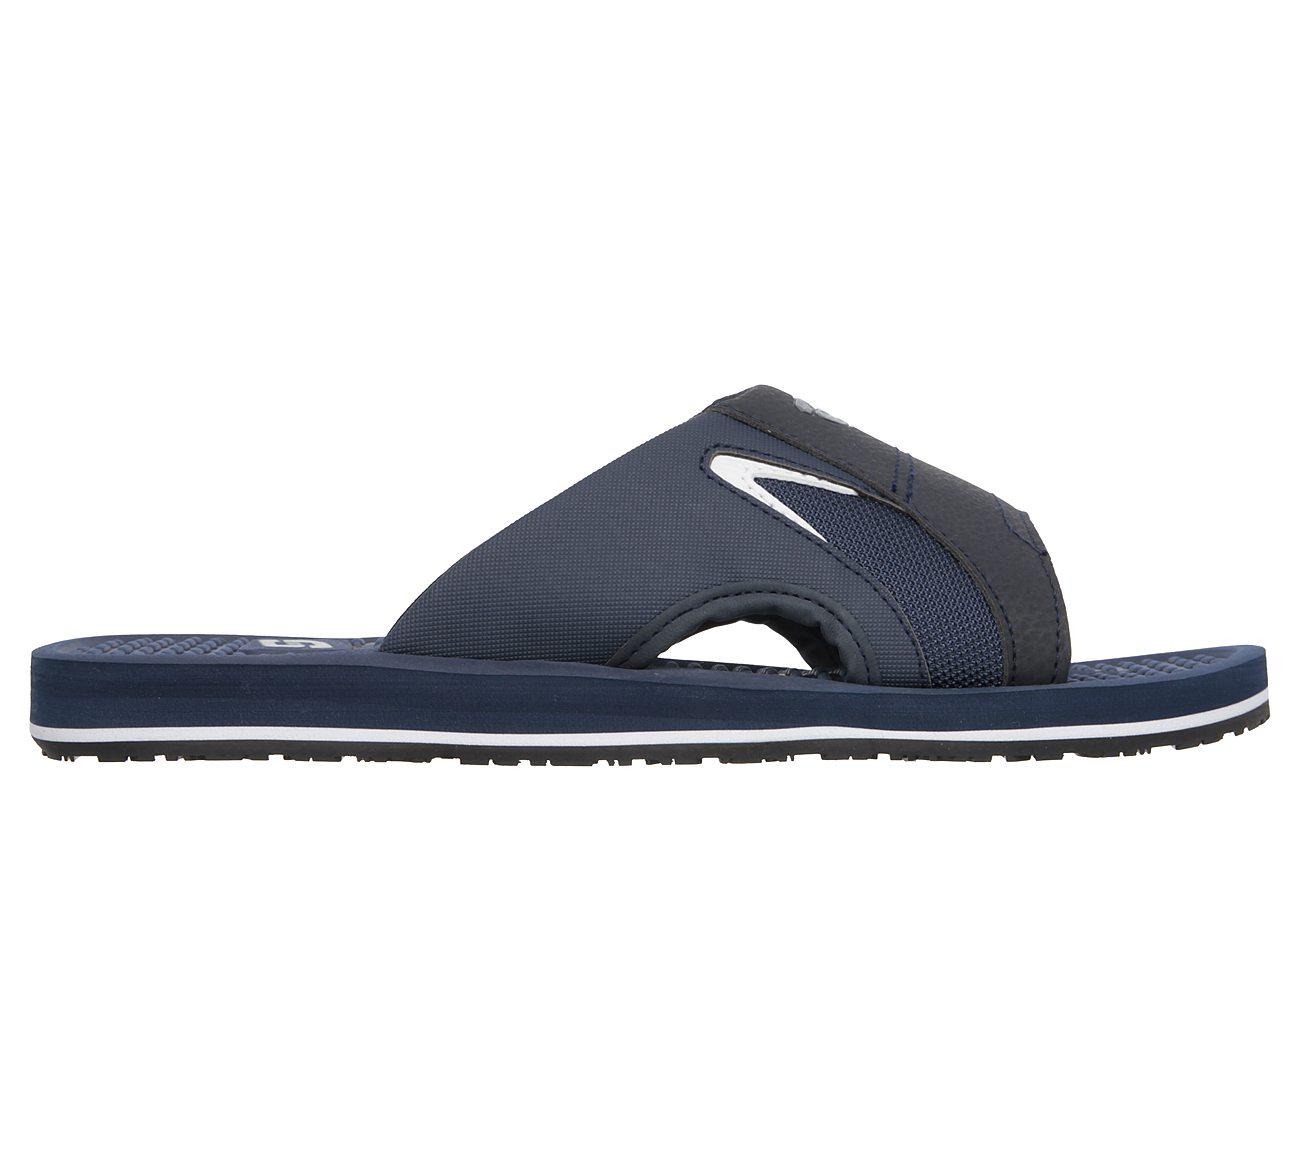 sandale skechers, Skechers Casual, Sport & Dress Shoes